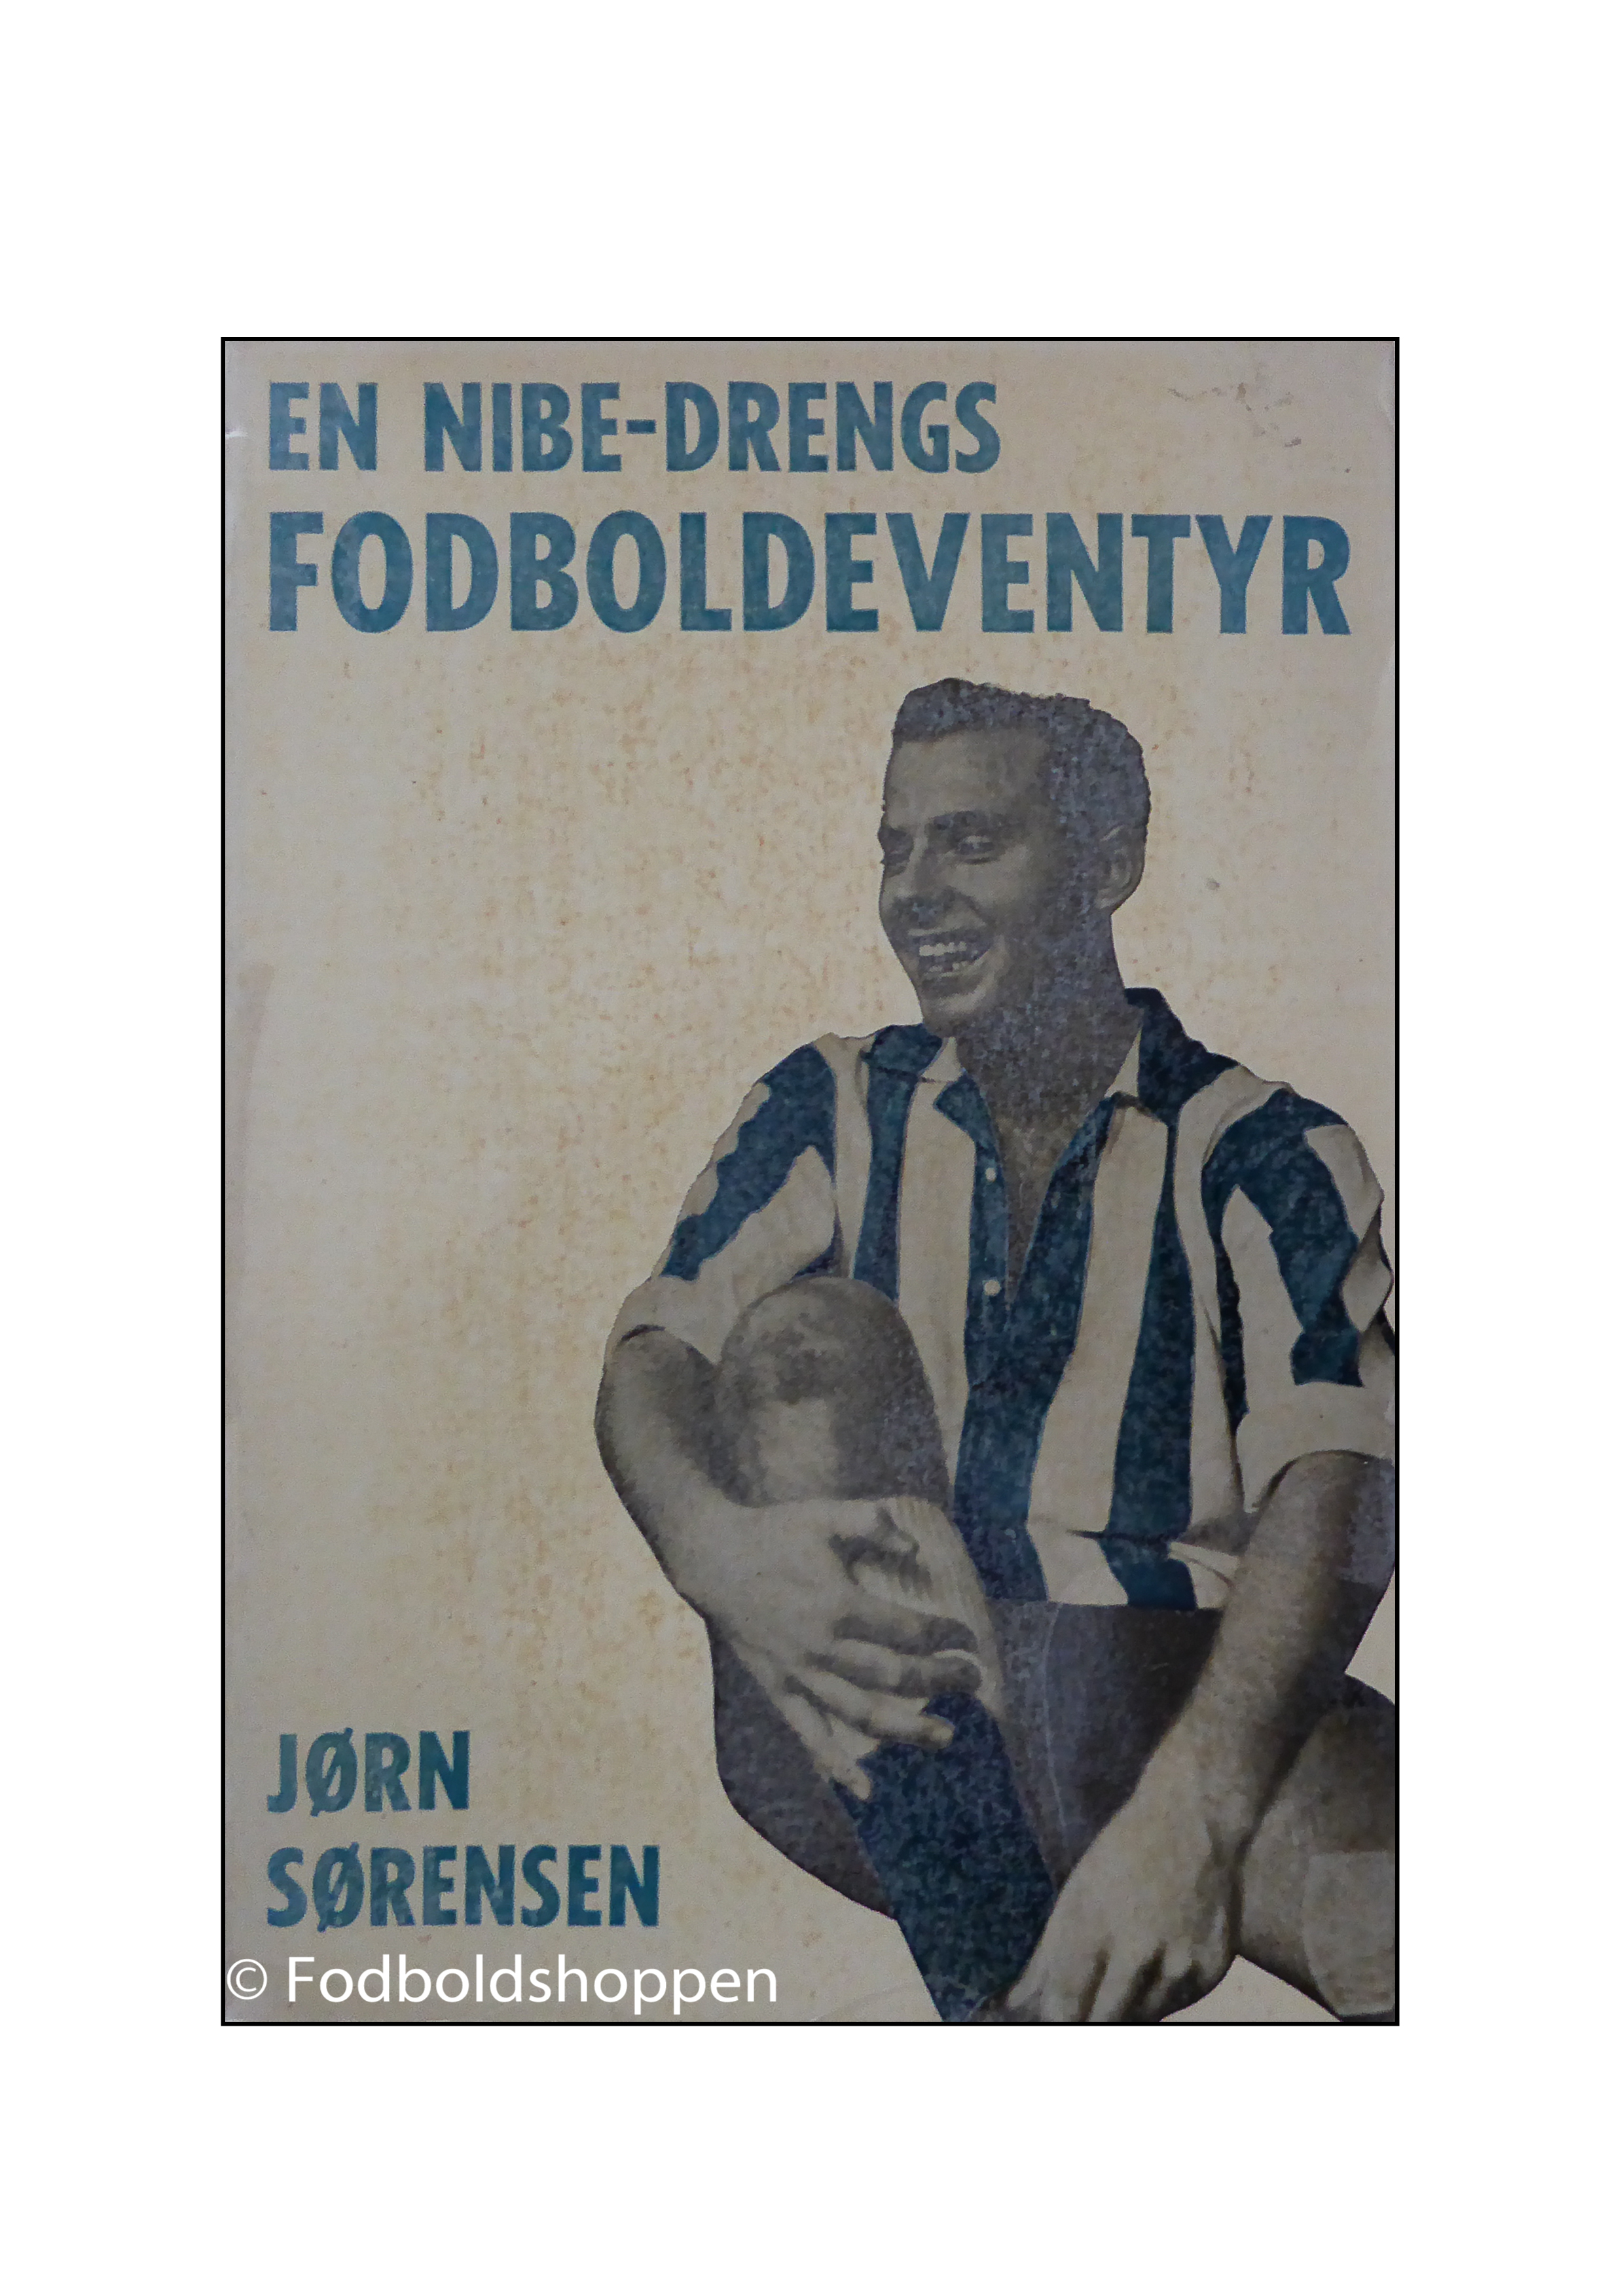 Bog om Fodboldspilleren Jørn Sørensen